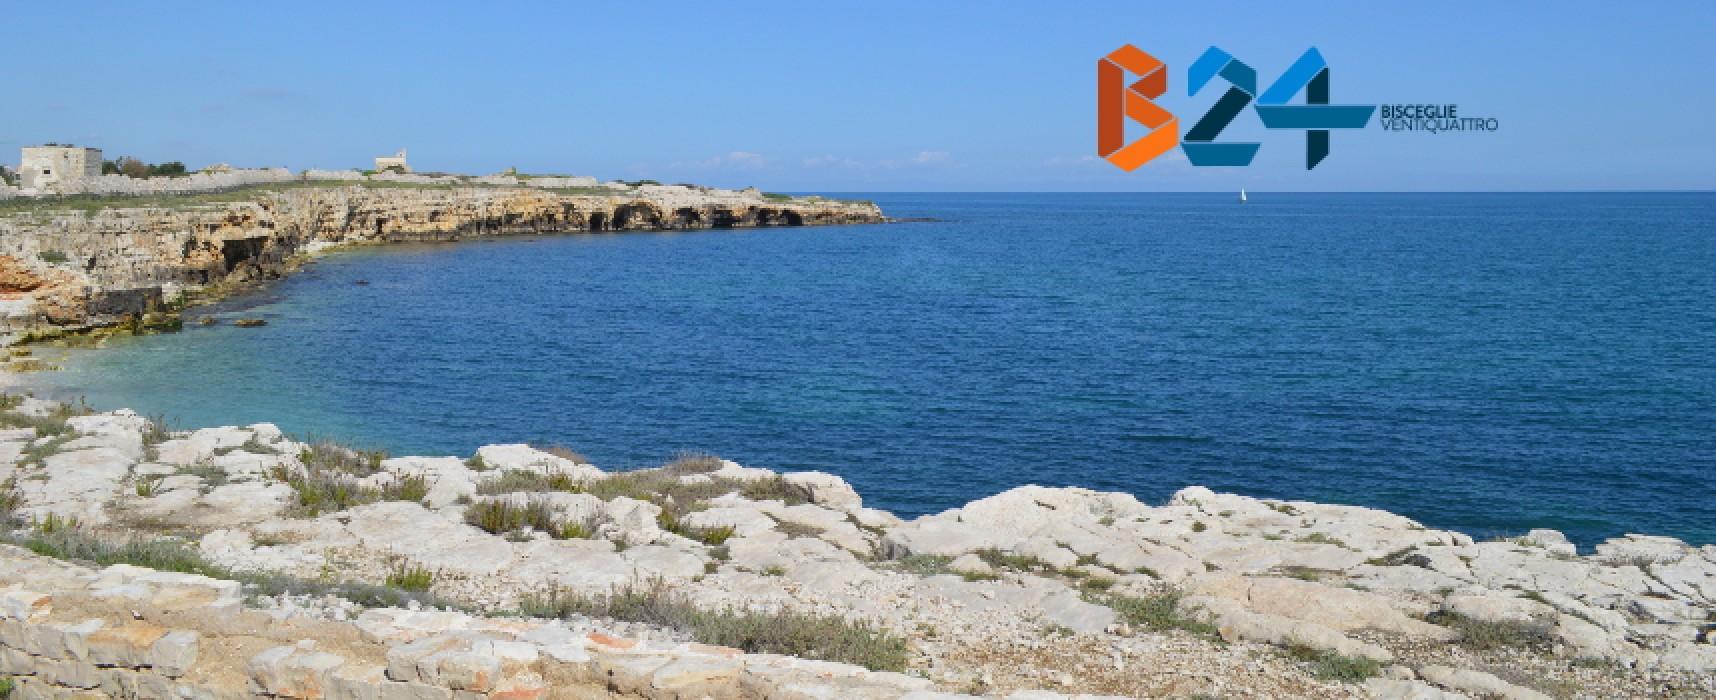 """Pro Natura: """"Fondi Piano di Azione siano destinati a miglioramento della zona Pantano-Ripalta"""""""